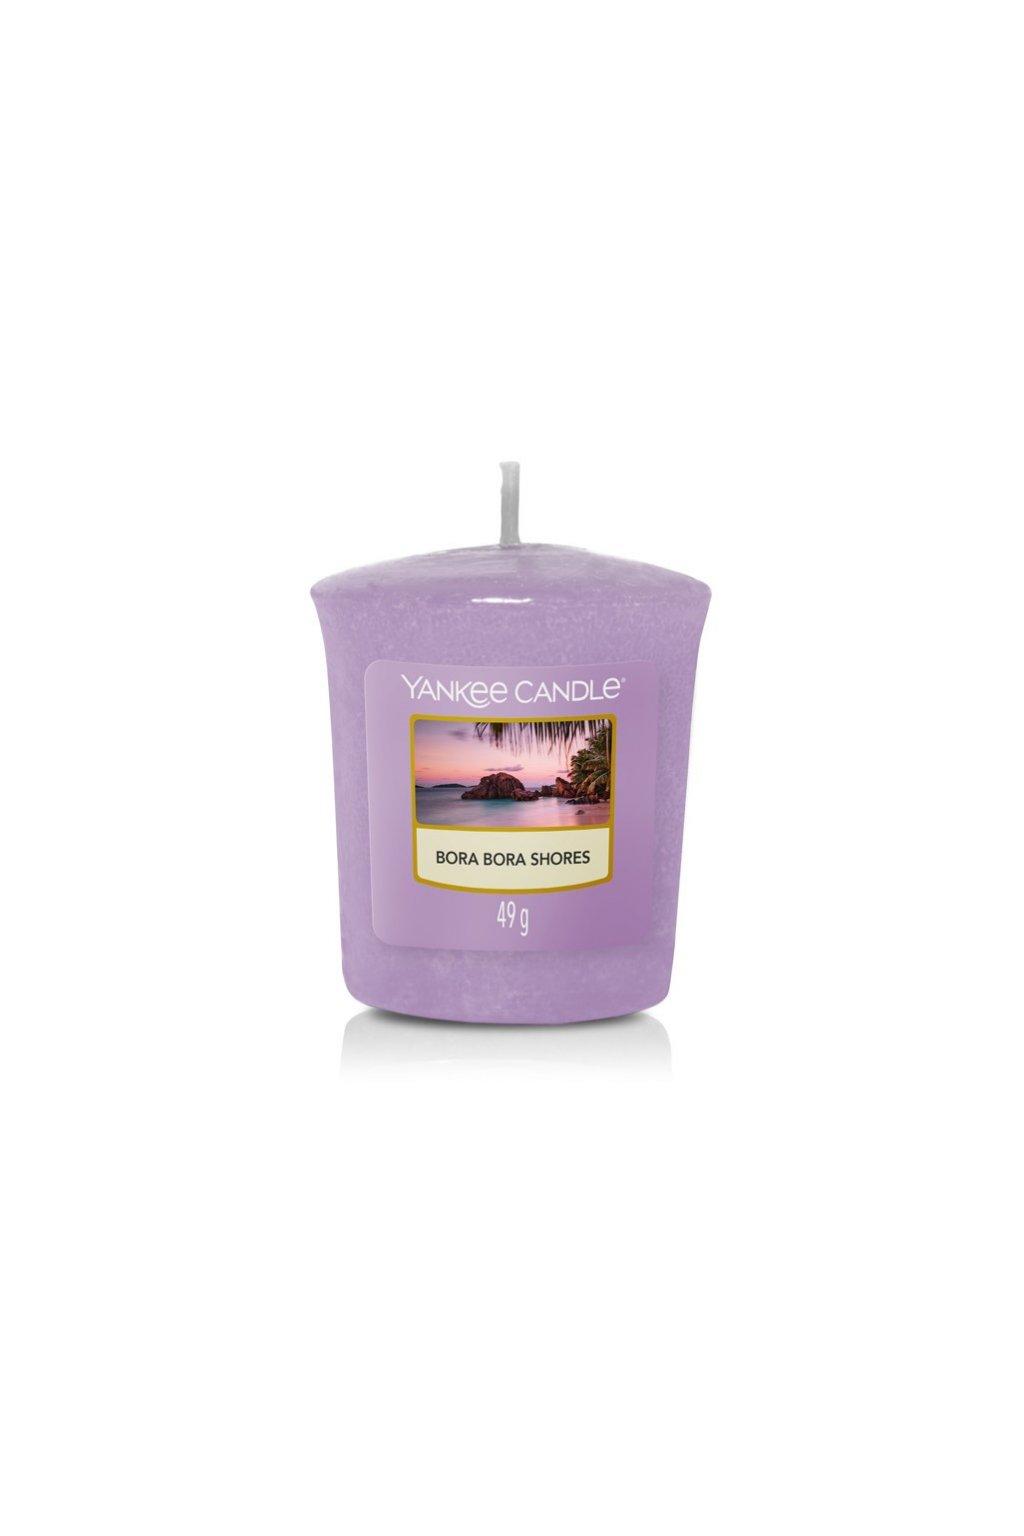 Yankee Candle Bora Bora 49g